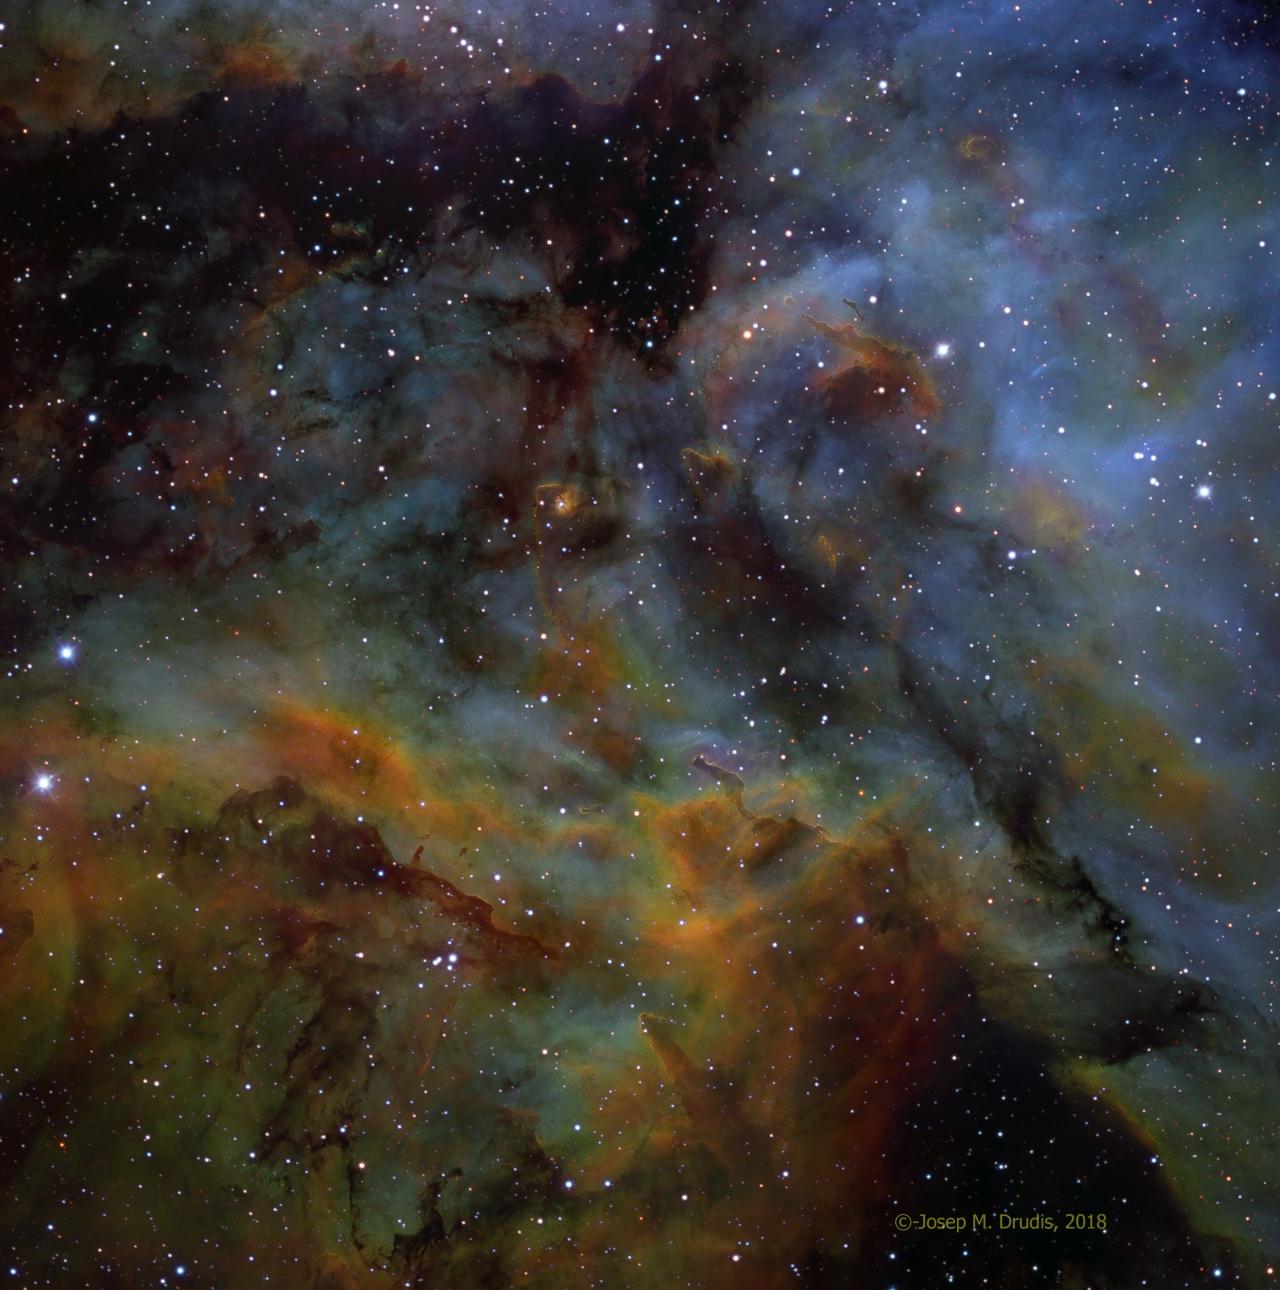 NGC3372-3-SL-HCP-13L-Cc